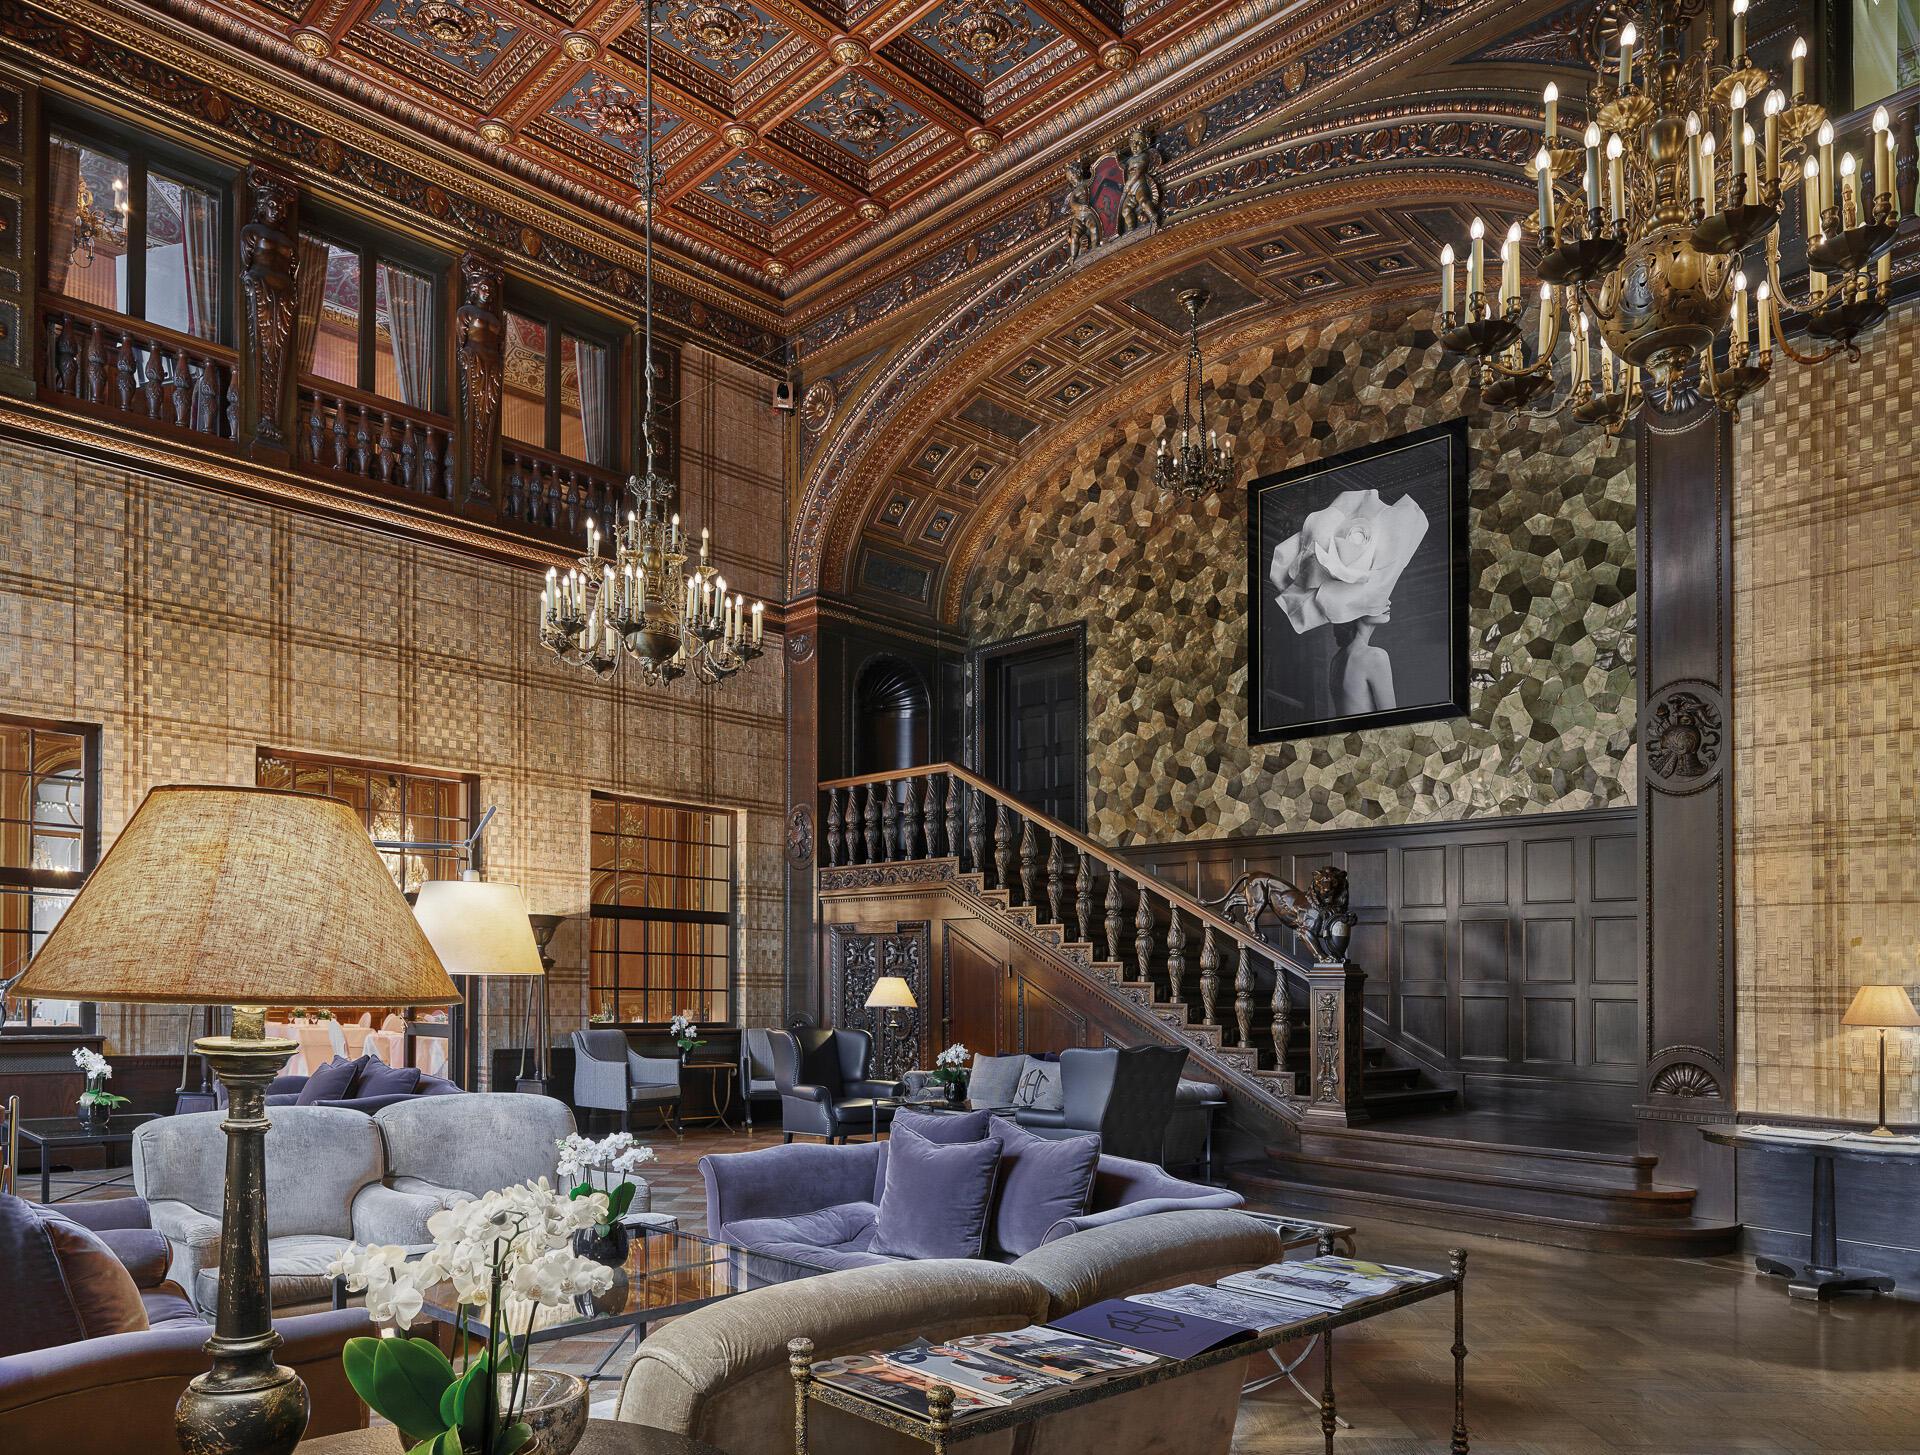 Lobby - Patrick Hellman Schlosshotel